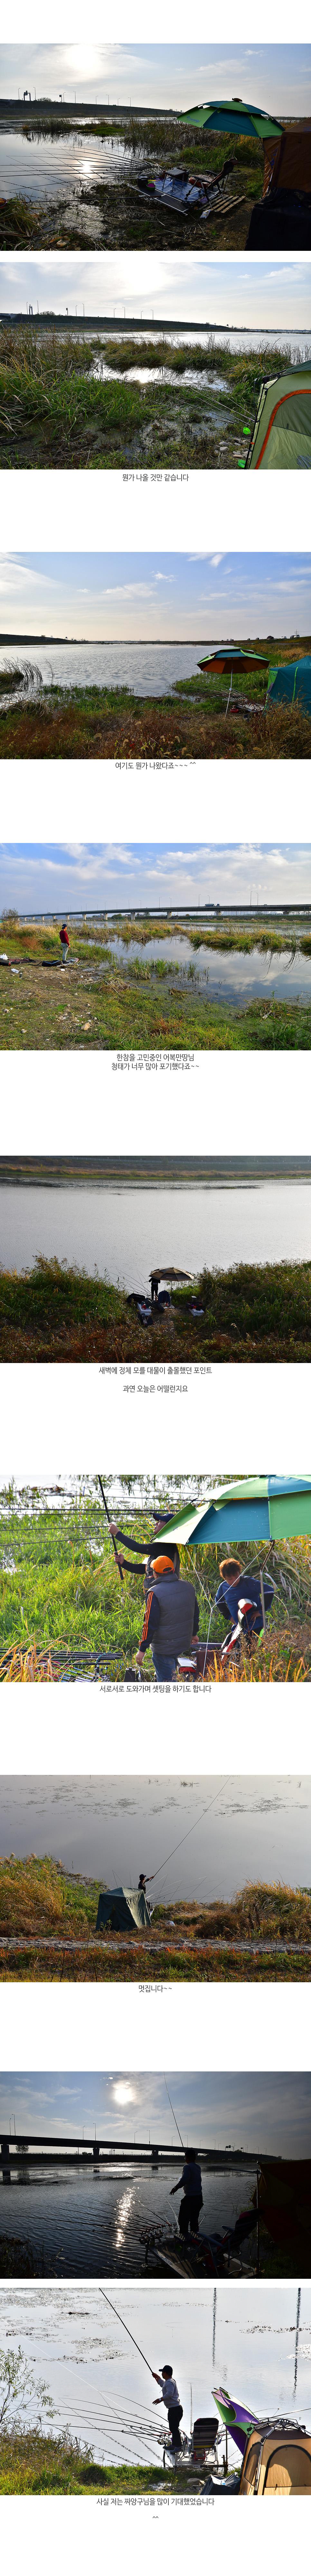 107기 월척원정대(소양천) - 06.jpg